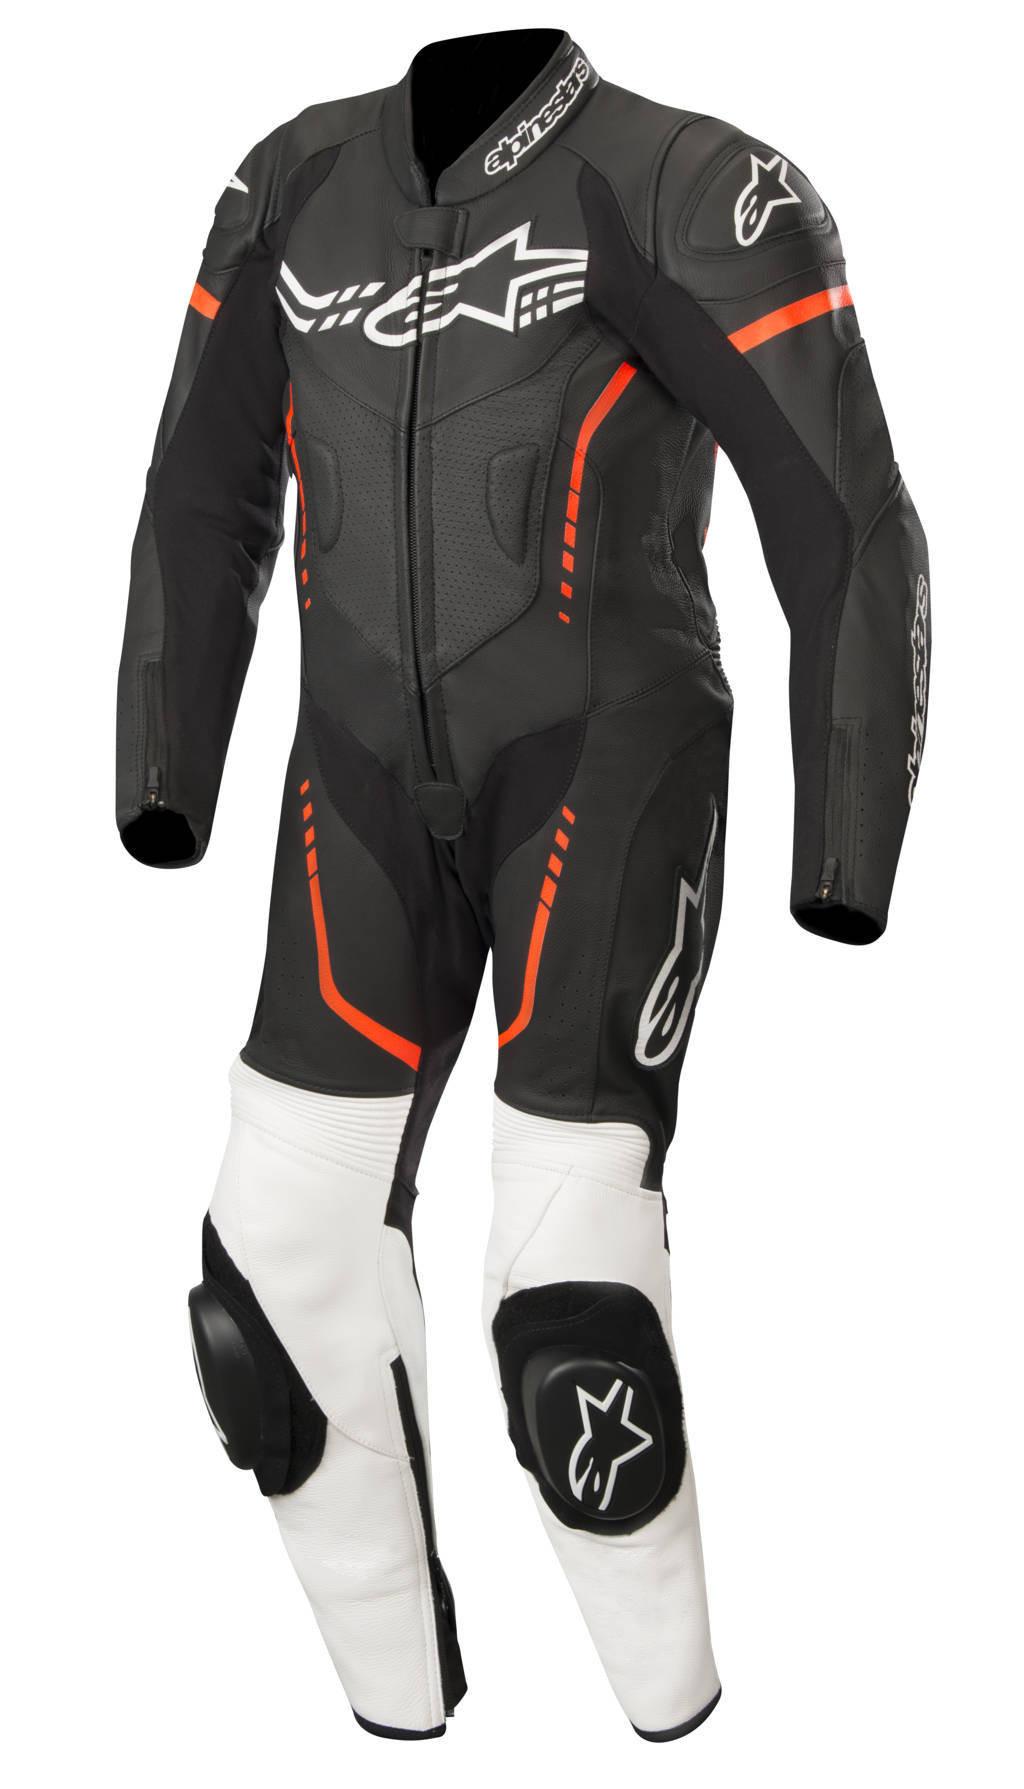 Giubbotto moto Alpinestars Alpinestars T-gp Plus R V2 Air Nero Anthracite